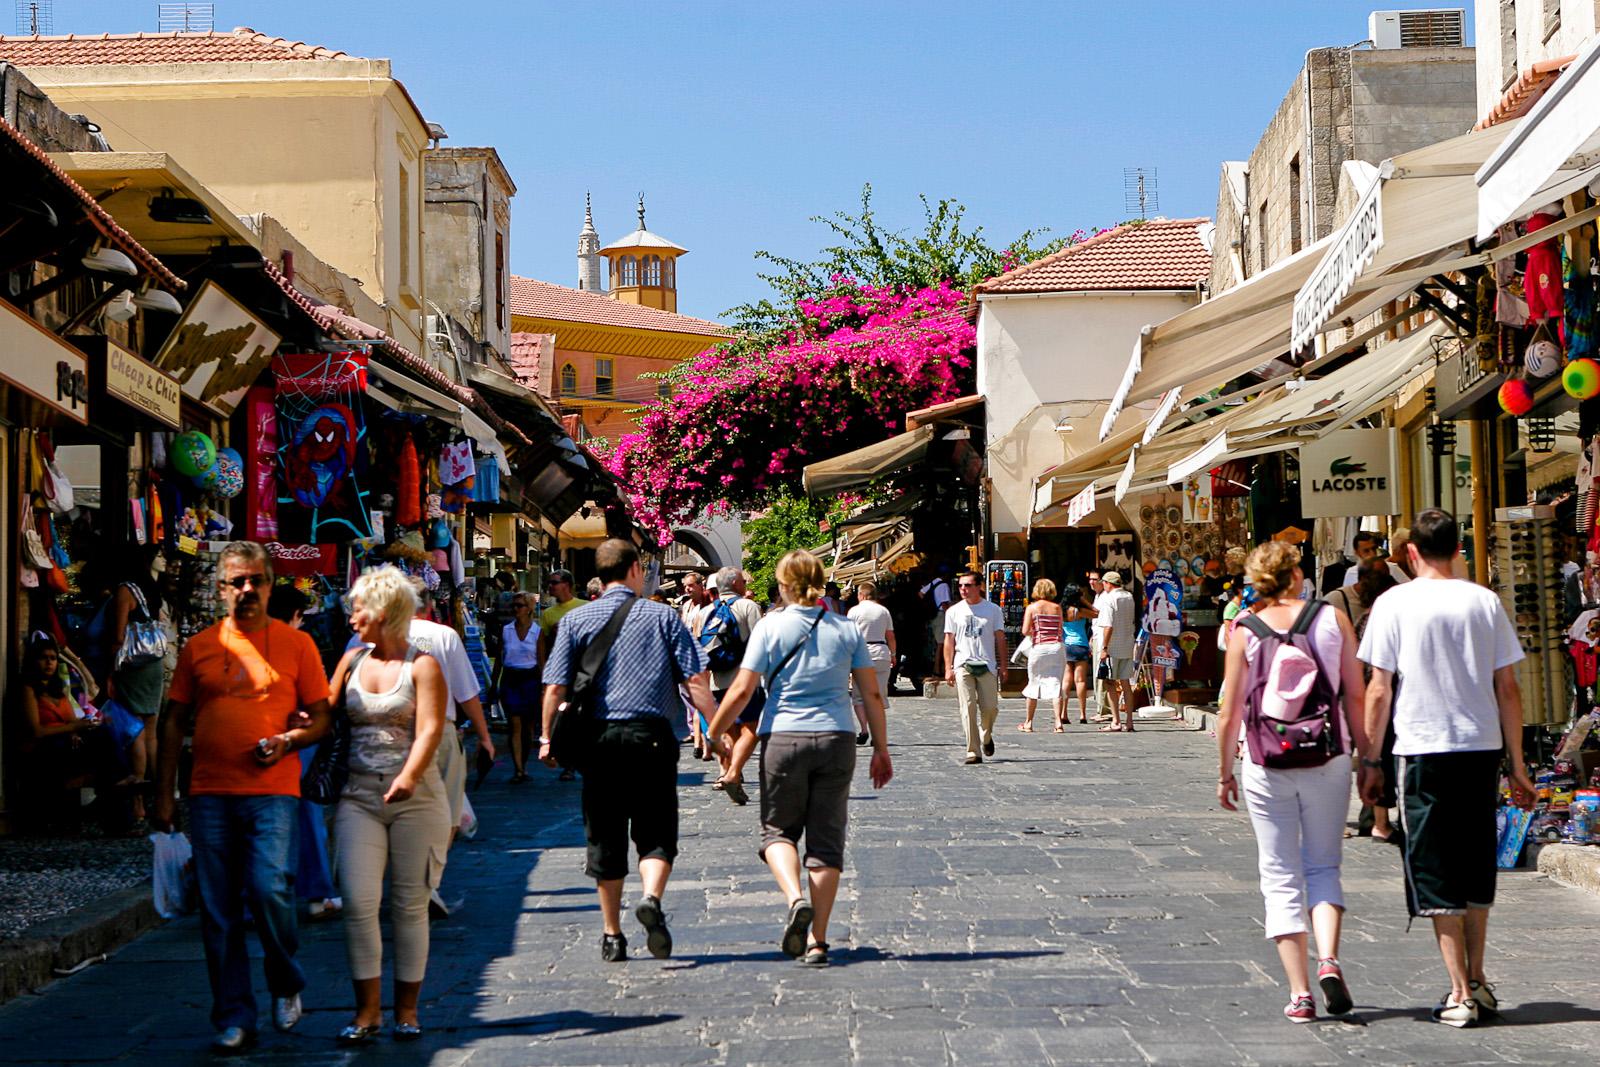 Οι Ρώσοι επιλέγουν Ελλάδα για το καλοκαίρι του 2016! - Airnews